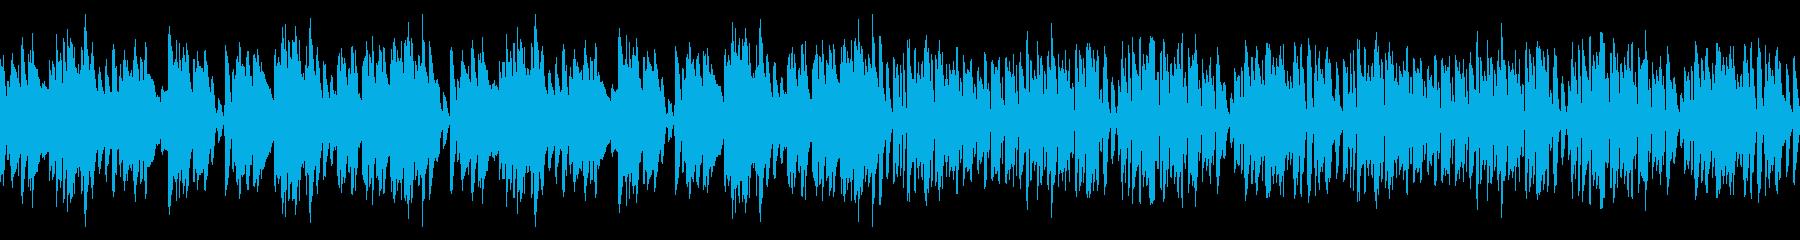 レトロピアノ名曲エンターテイナー(ループの再生済みの波形